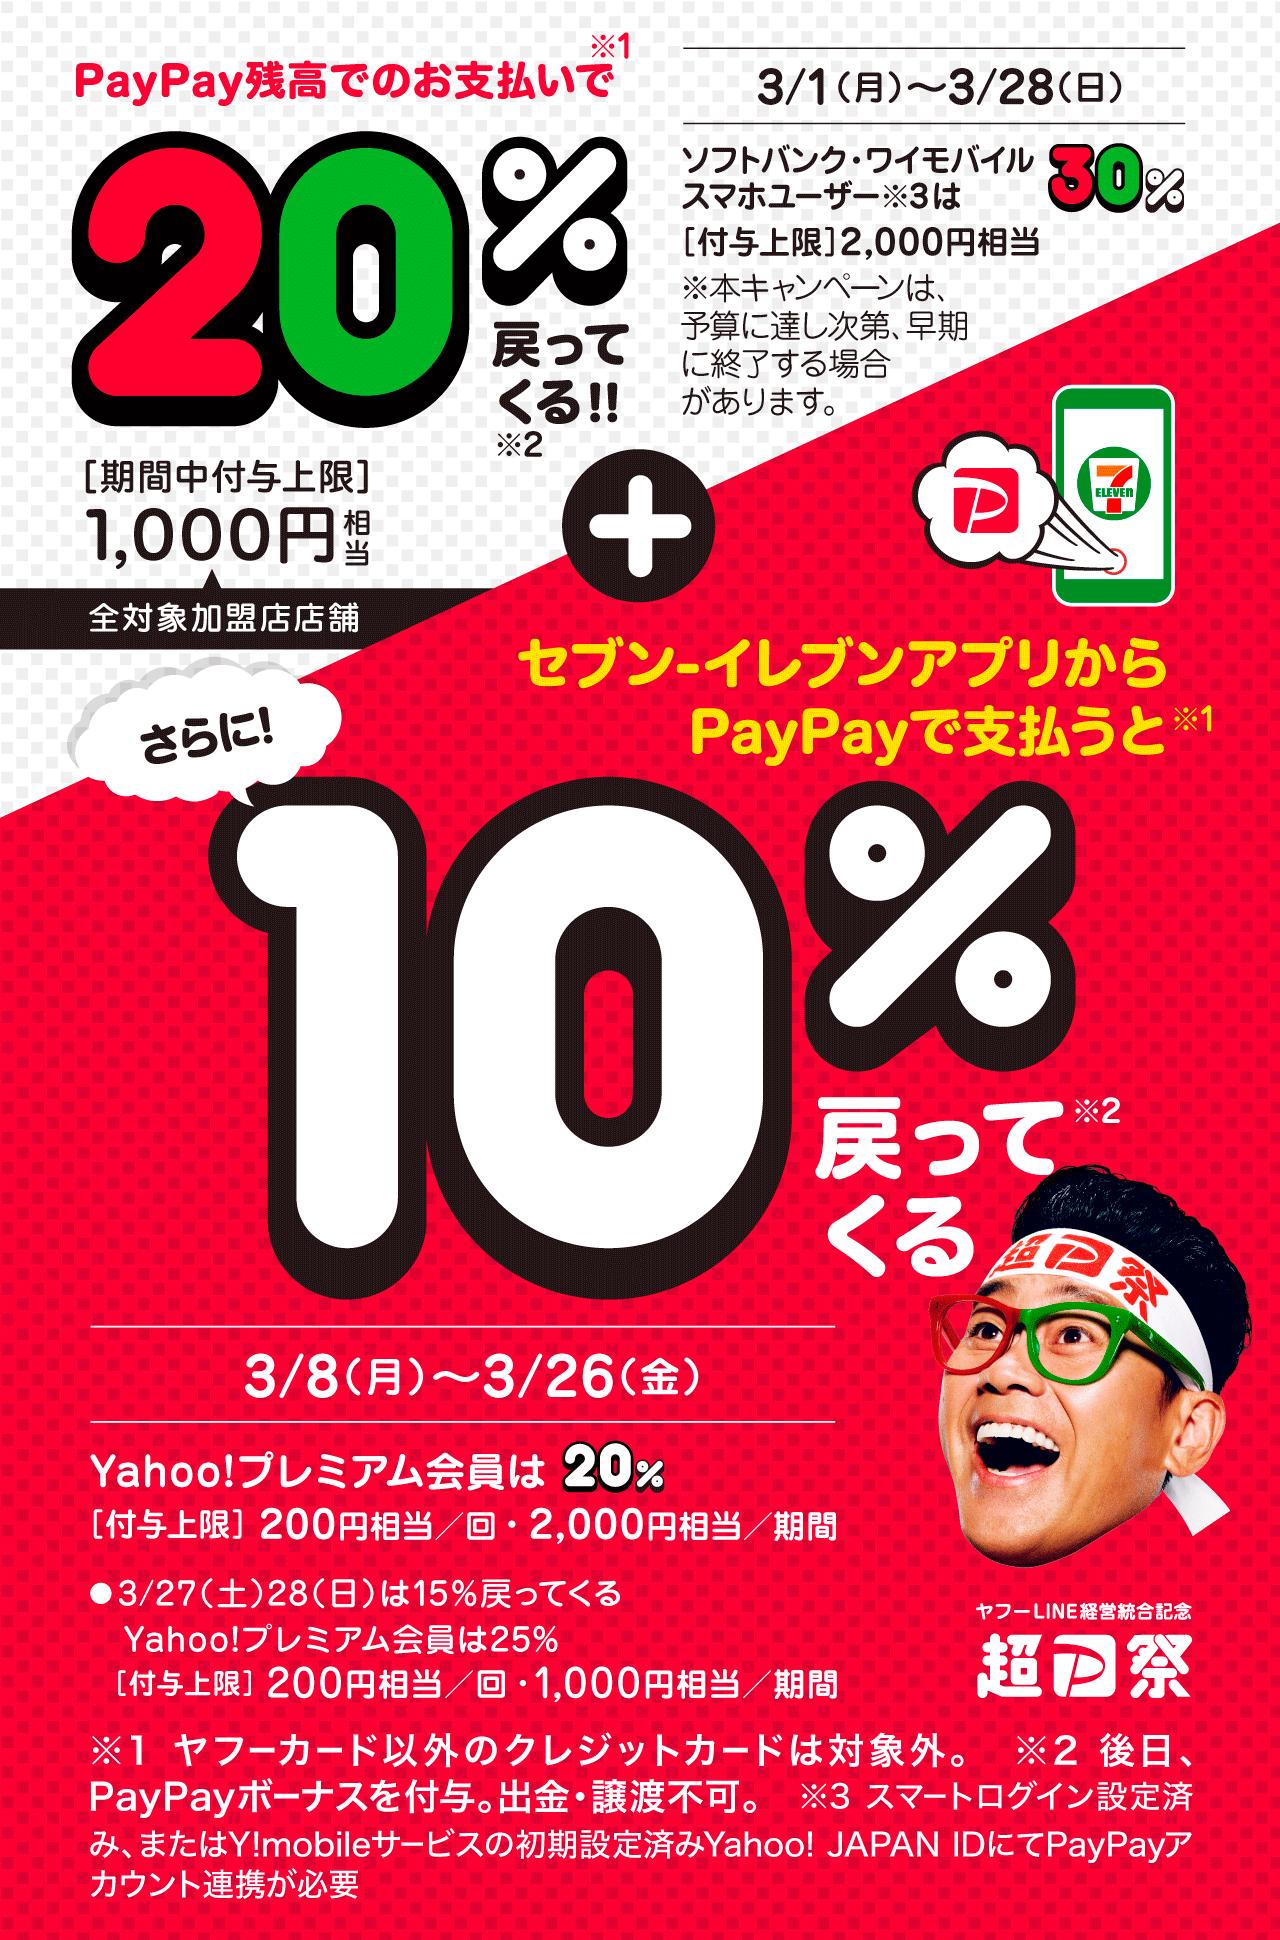 PayPay残高でのお支払いで20%戻ってくる!! + セブン-イレブンアプリからPayPayで支払うと10%戻ってくる!!